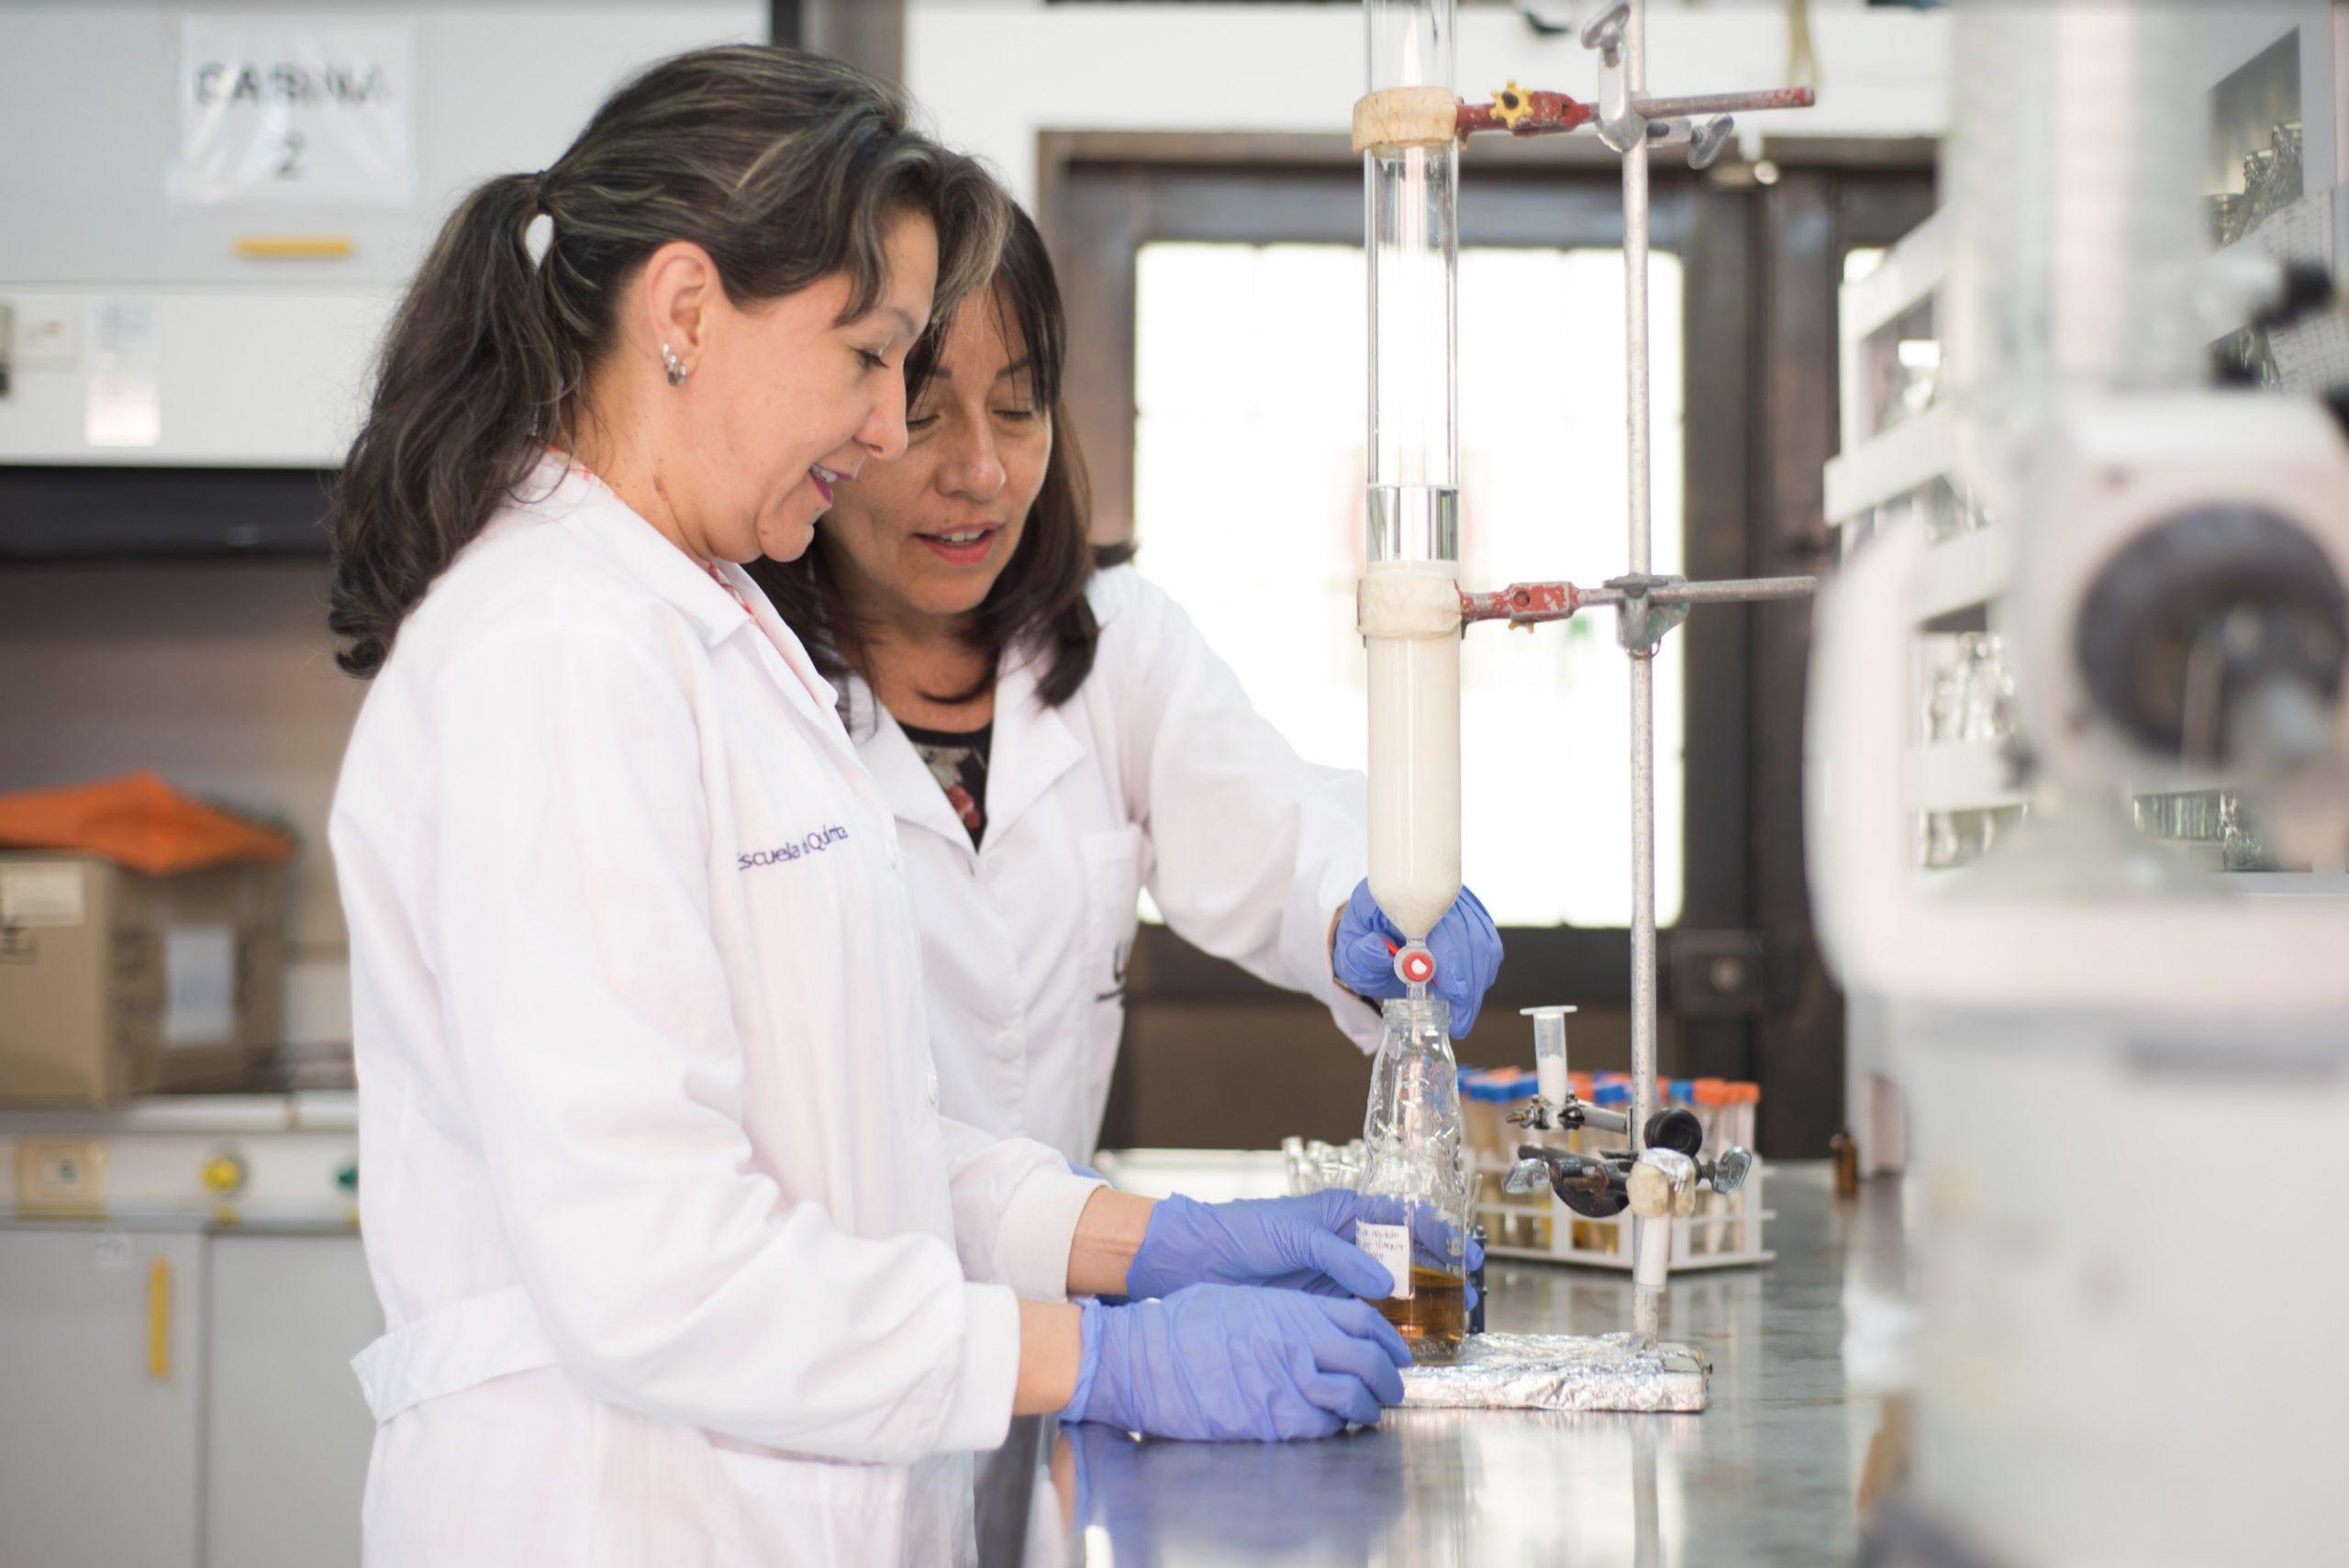 Laboratorio de Calidad de Productos Naturales